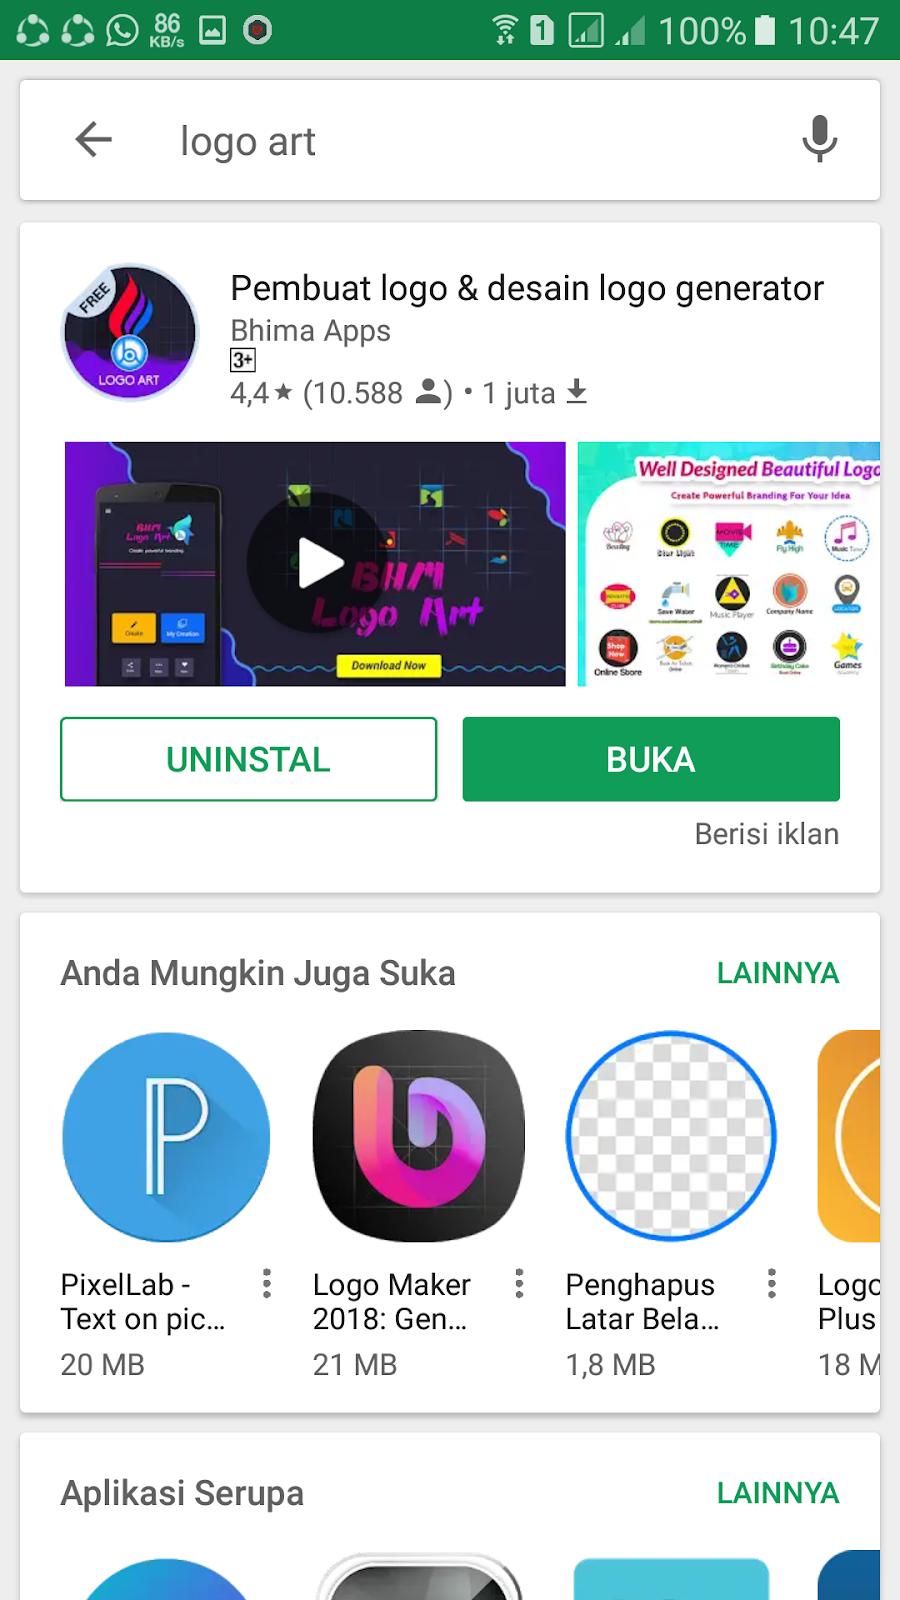 cara membuat logo di android Dengan Mudah - sobat it 99